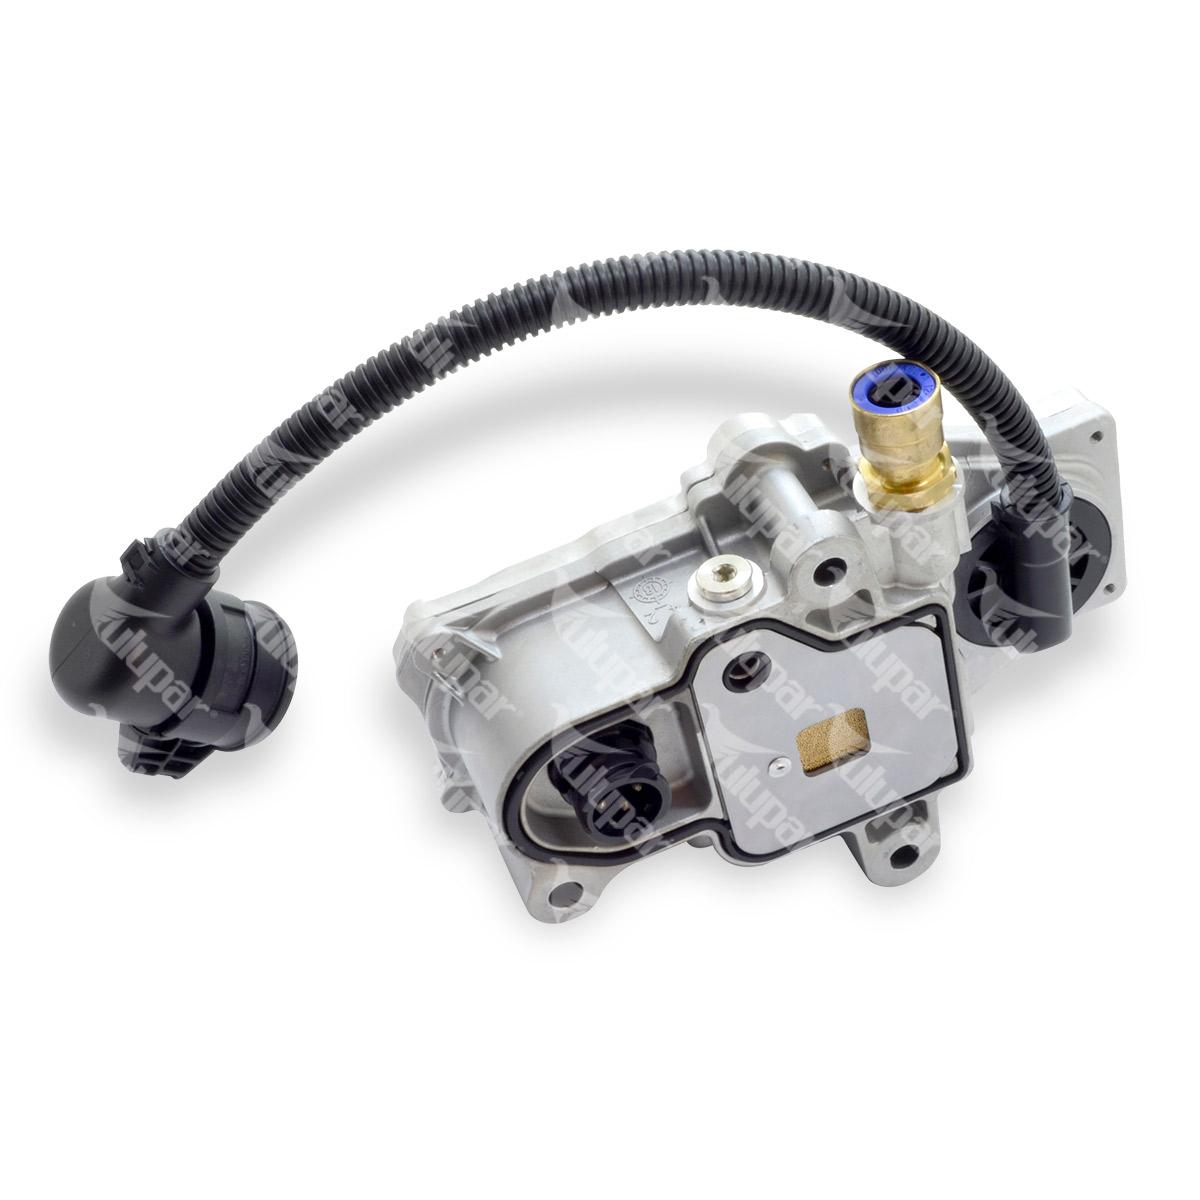 306010012 - Válvula magnética para caixa de velocidades com duplicador, com ficha central